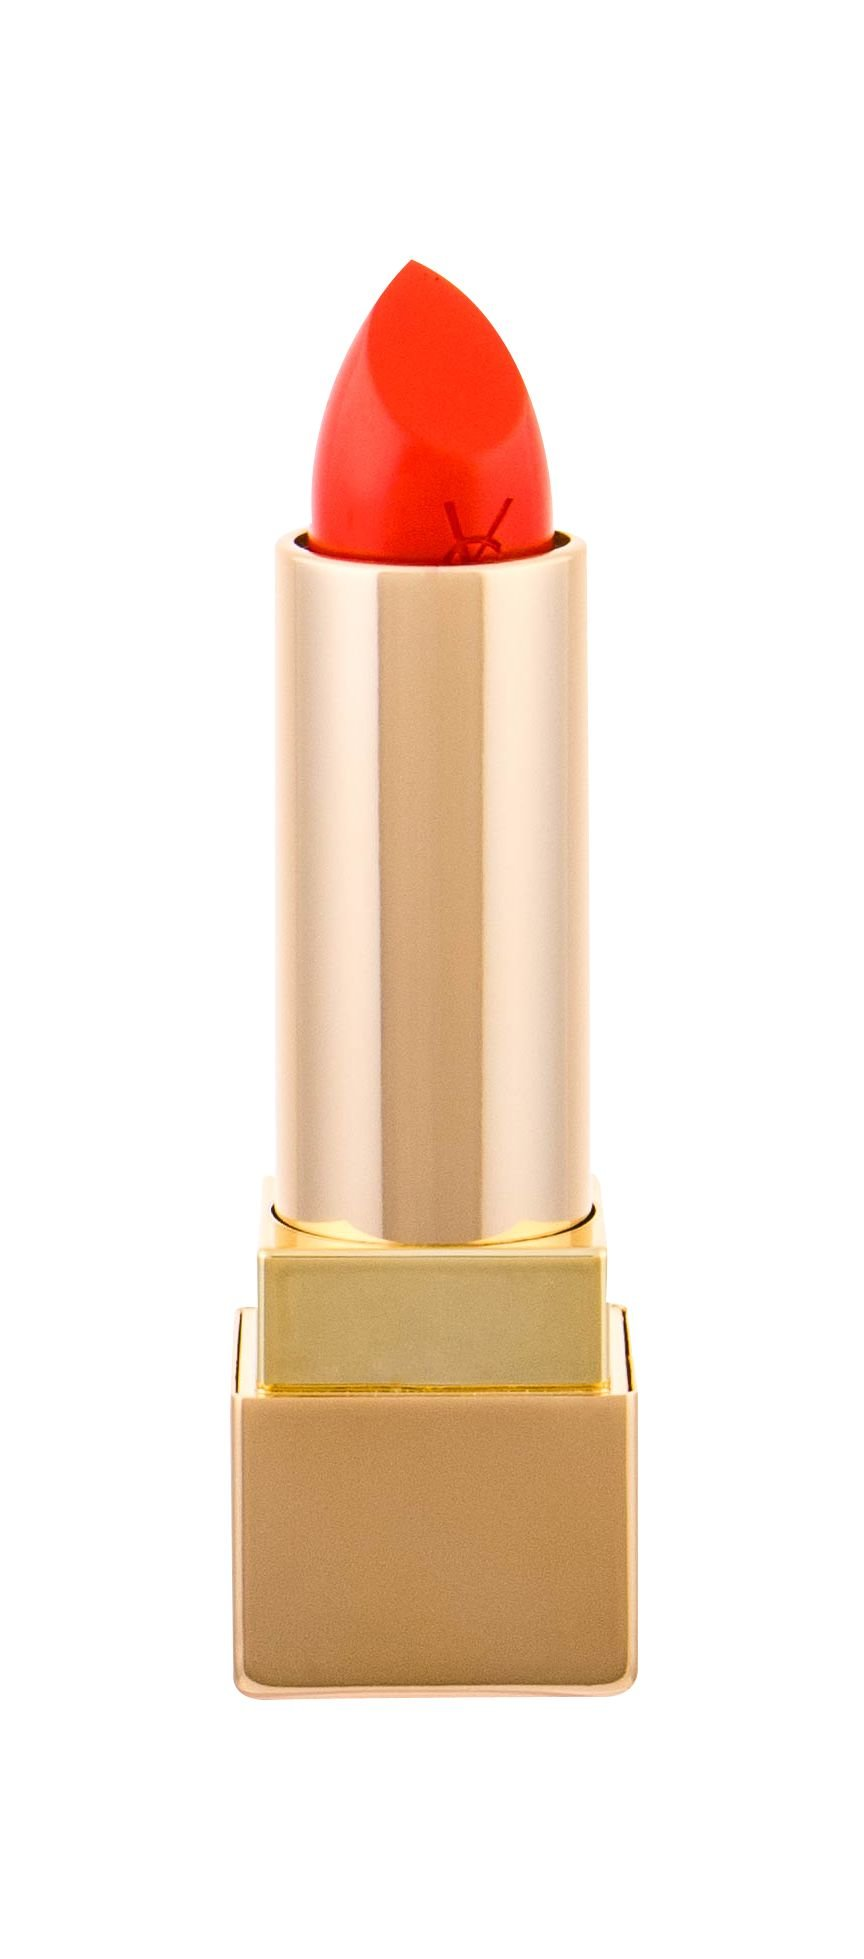 Yves Saint Laurent Rouge Pur Couture Lipstick 3,8ml 13 Le Orange